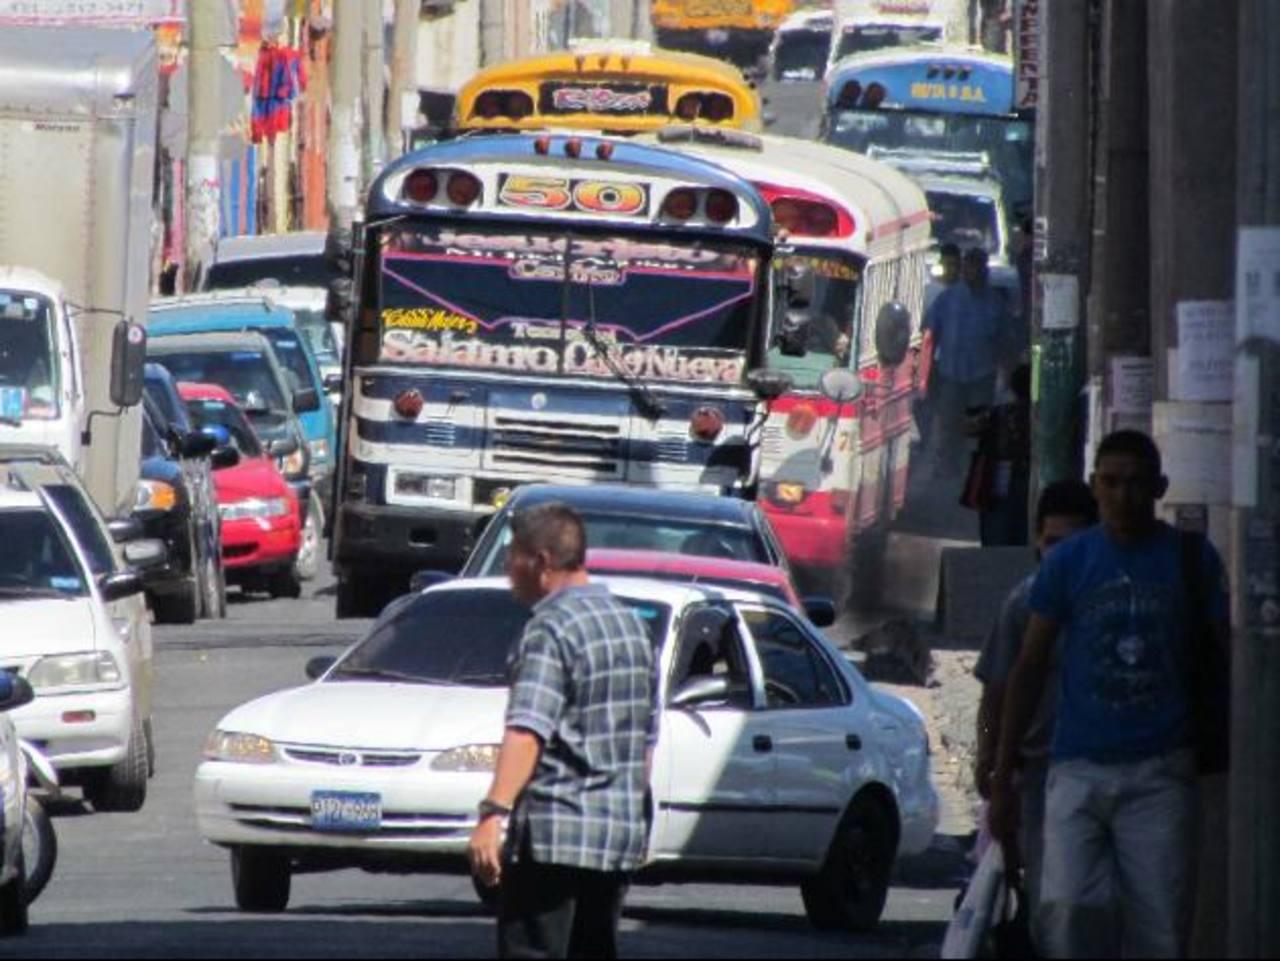 El transporte público es uno los sectores que más utiliza diésel. foto edh / archivo